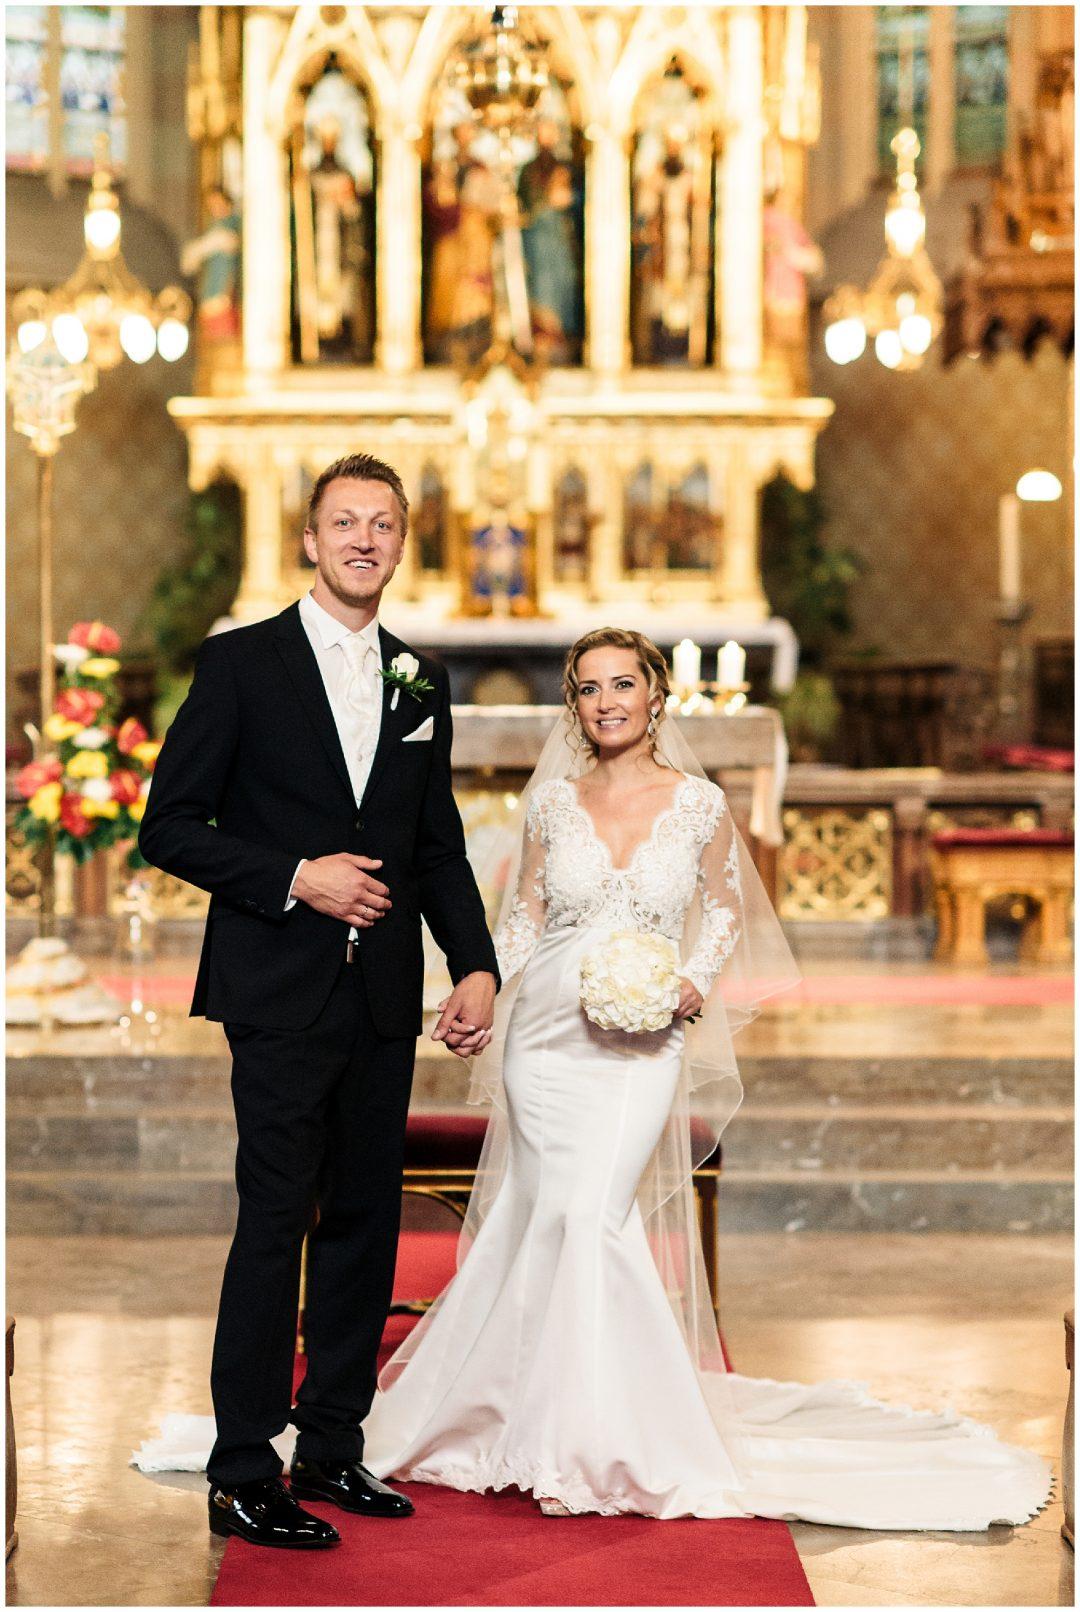 Destination Wedding in Prague | Pav and Steffen - weddings - Destination wedding Prague wedding Nkima Photography 0030